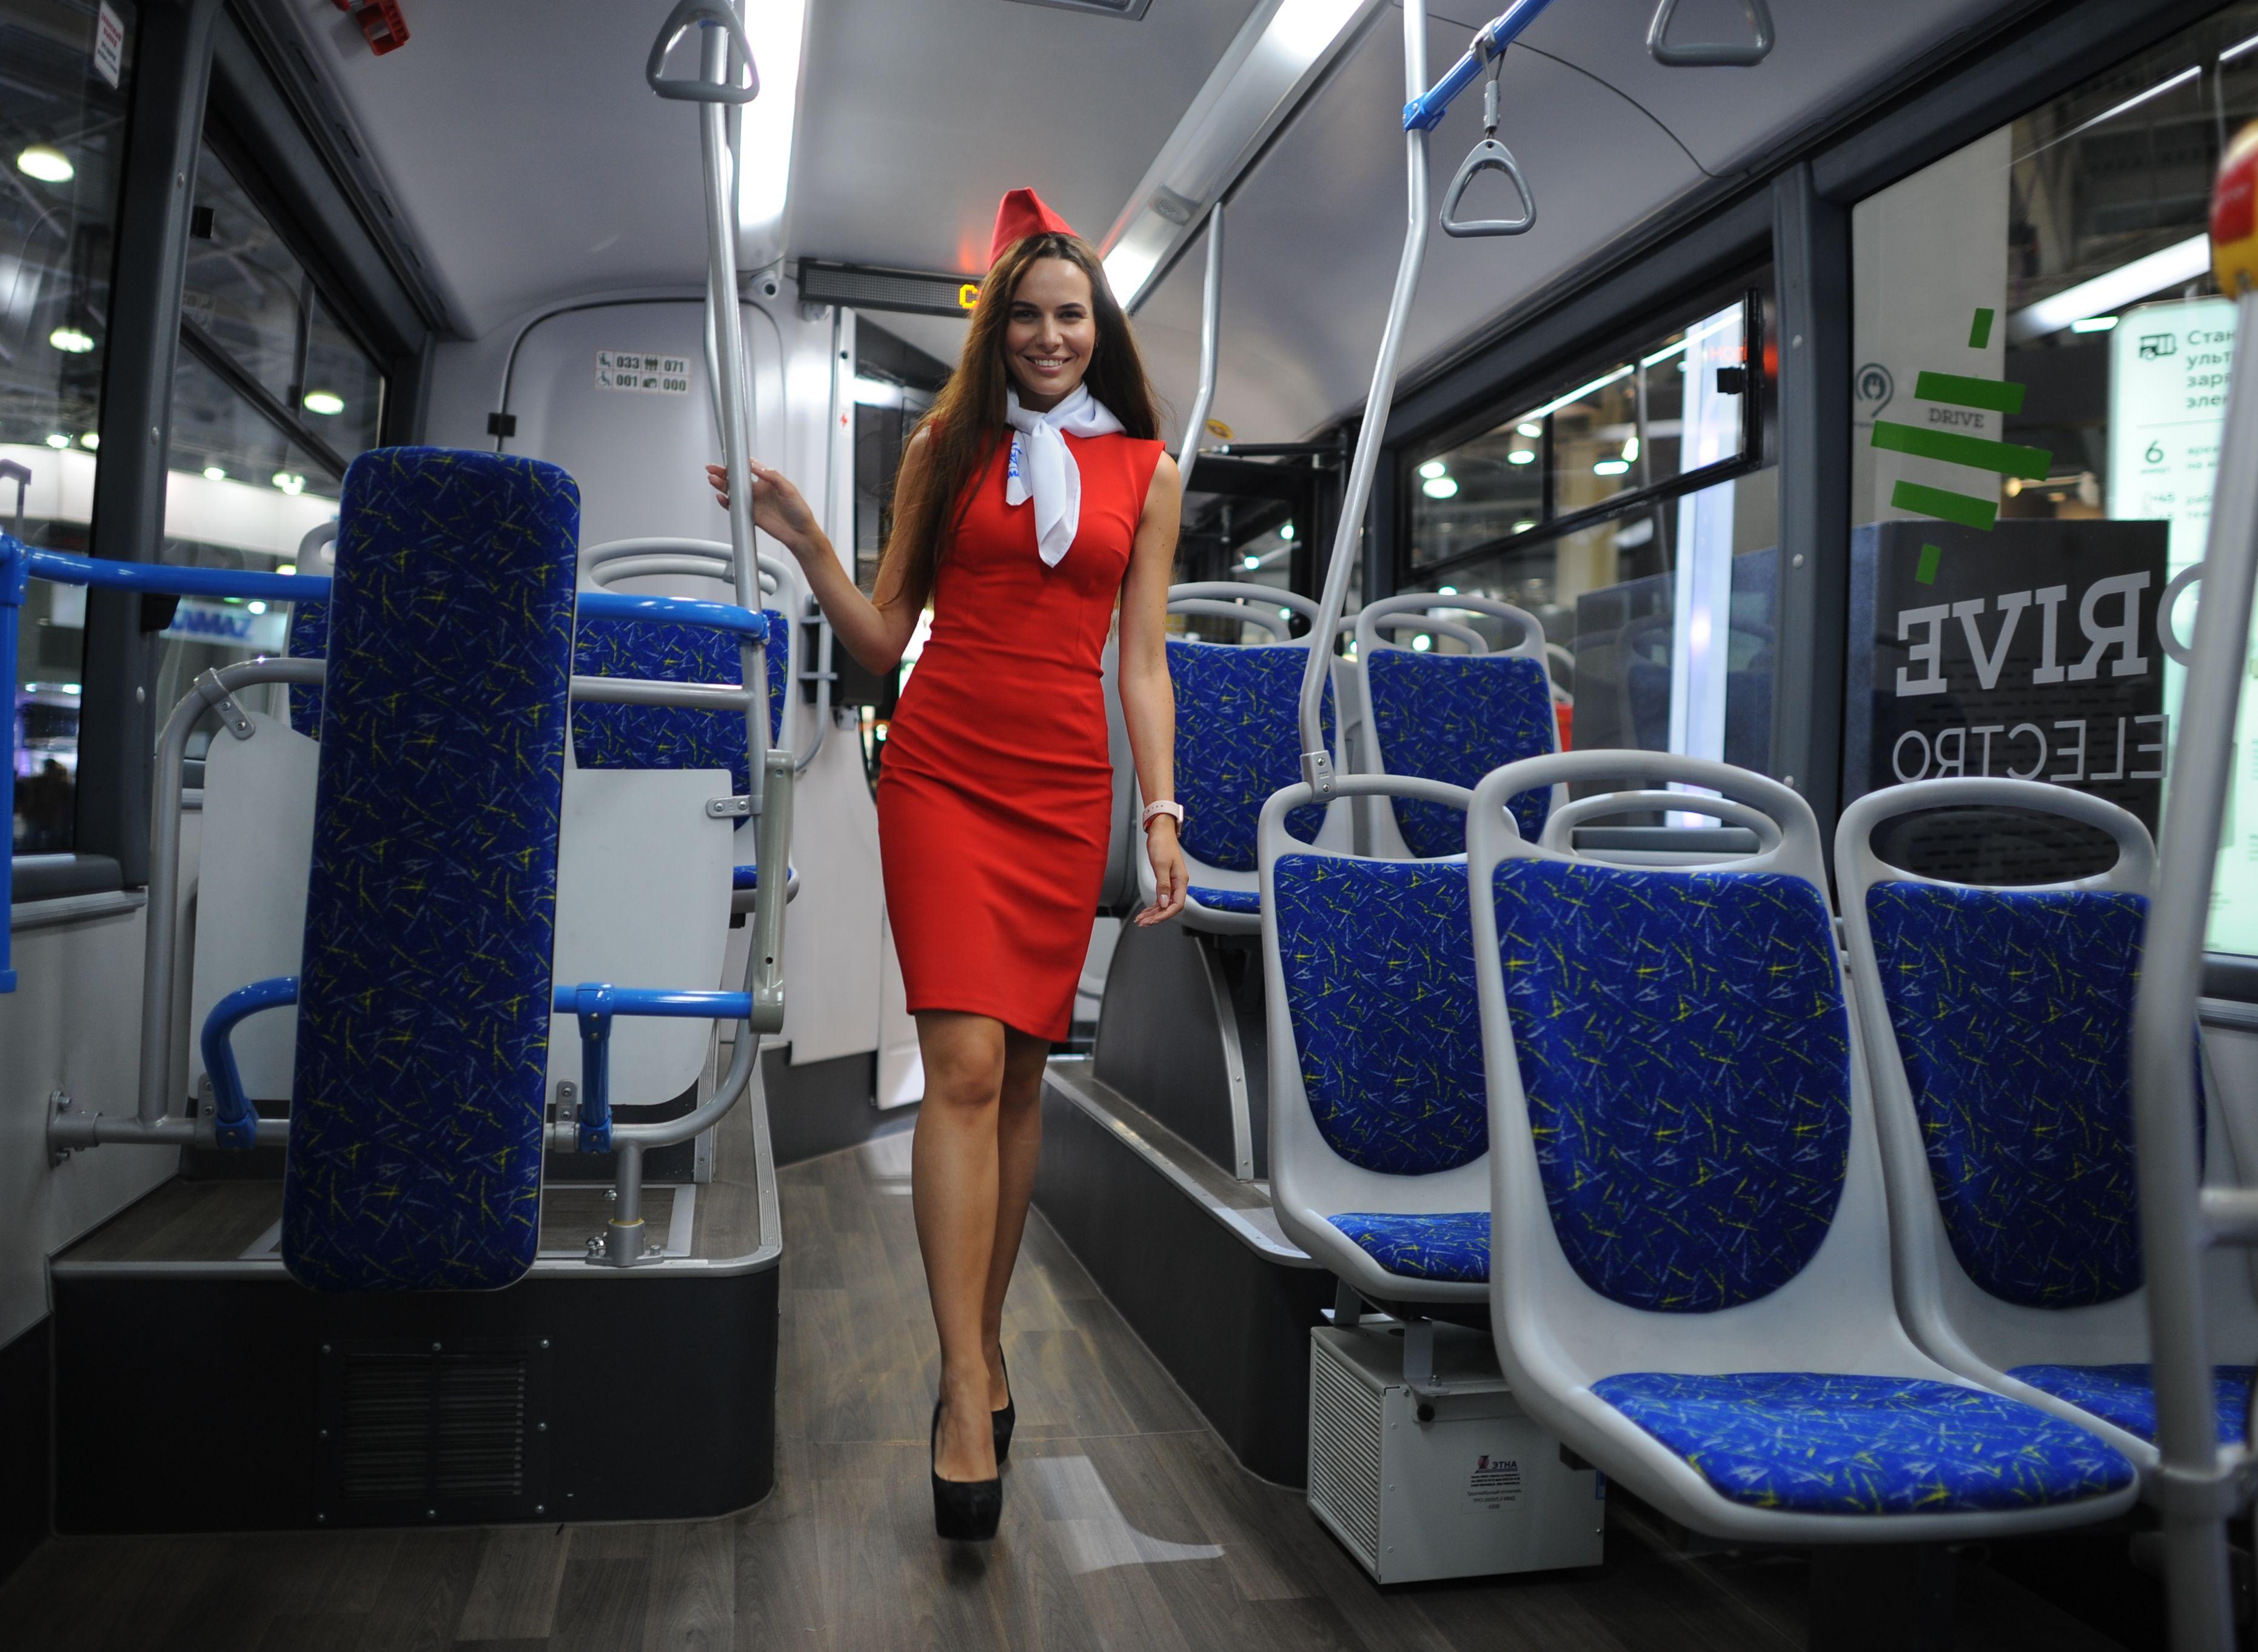 Электробусы «захватили» еще один маршрут в Москве